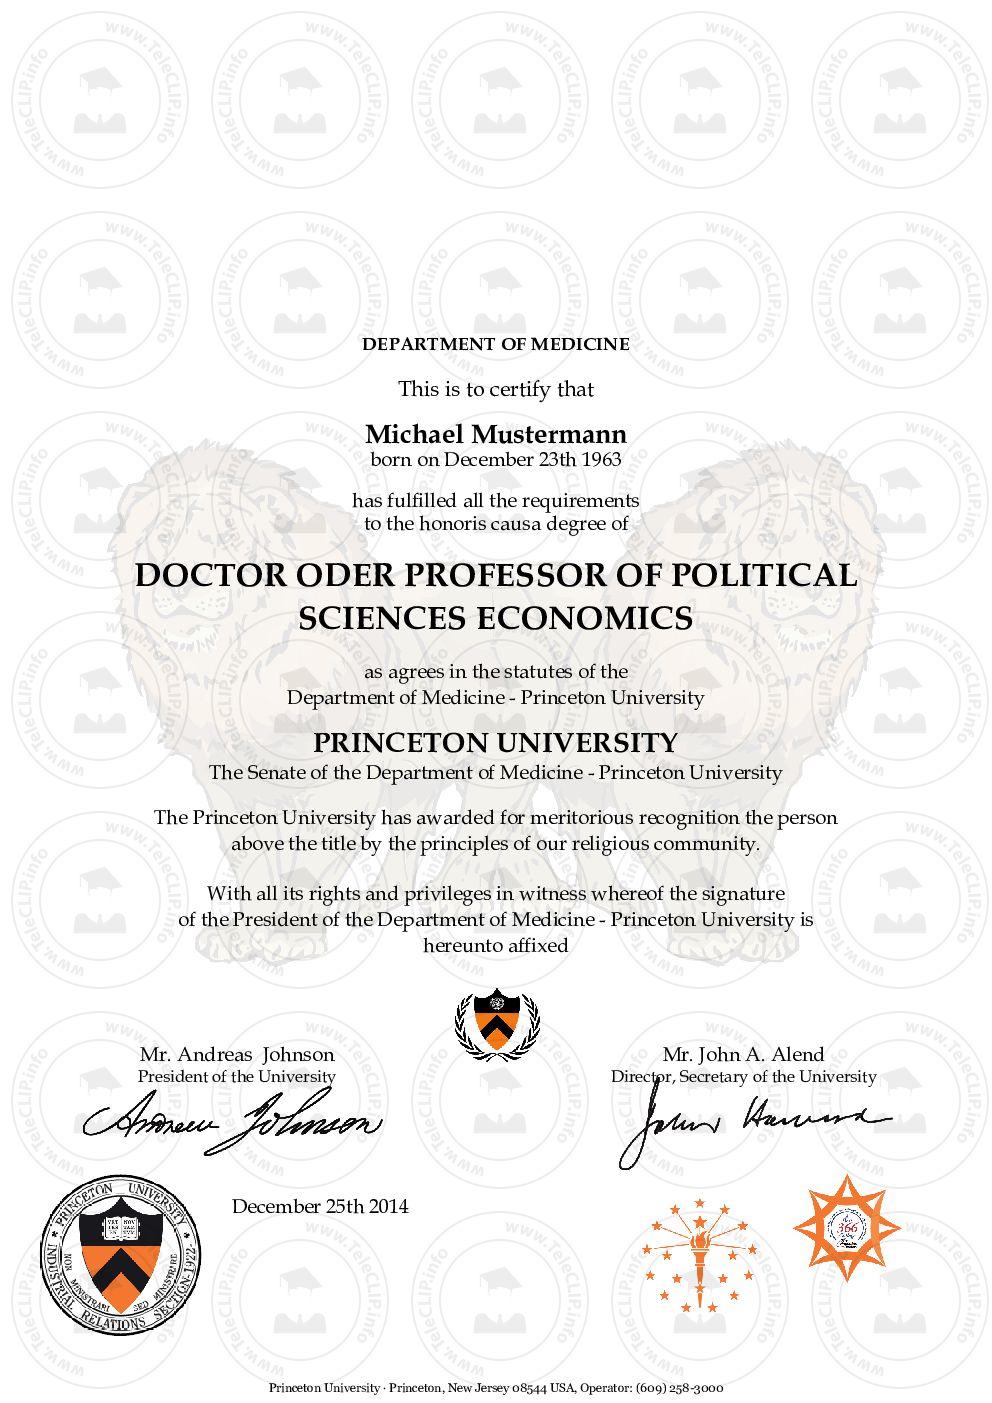 Princeton Doktortitel kaufen, Diplom Urkunde kaufen, Zeugnis kaufen ...